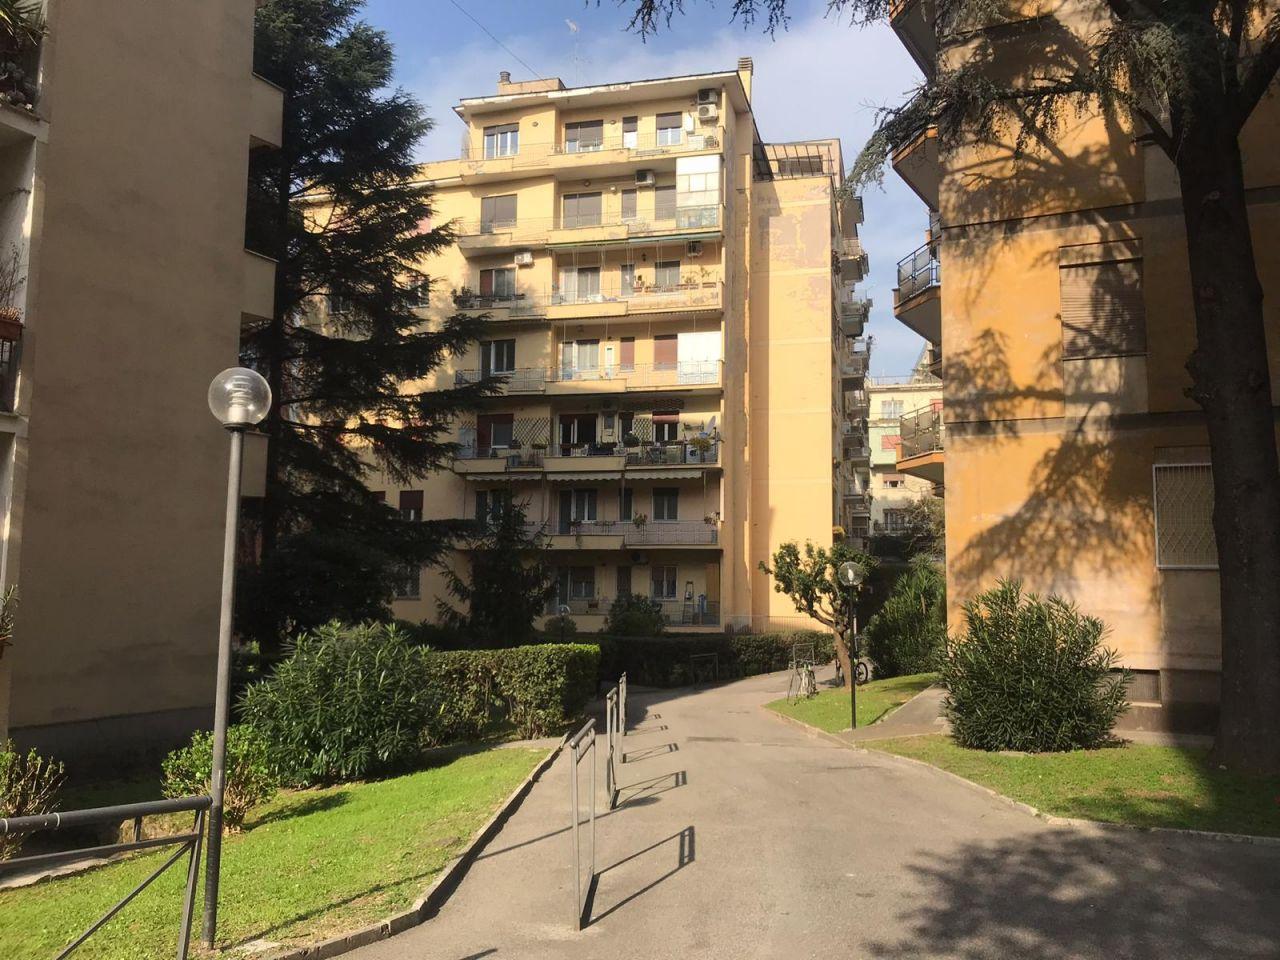 GARBATELLA VIA R. RAIMONDI GARIBALDI (2/305)